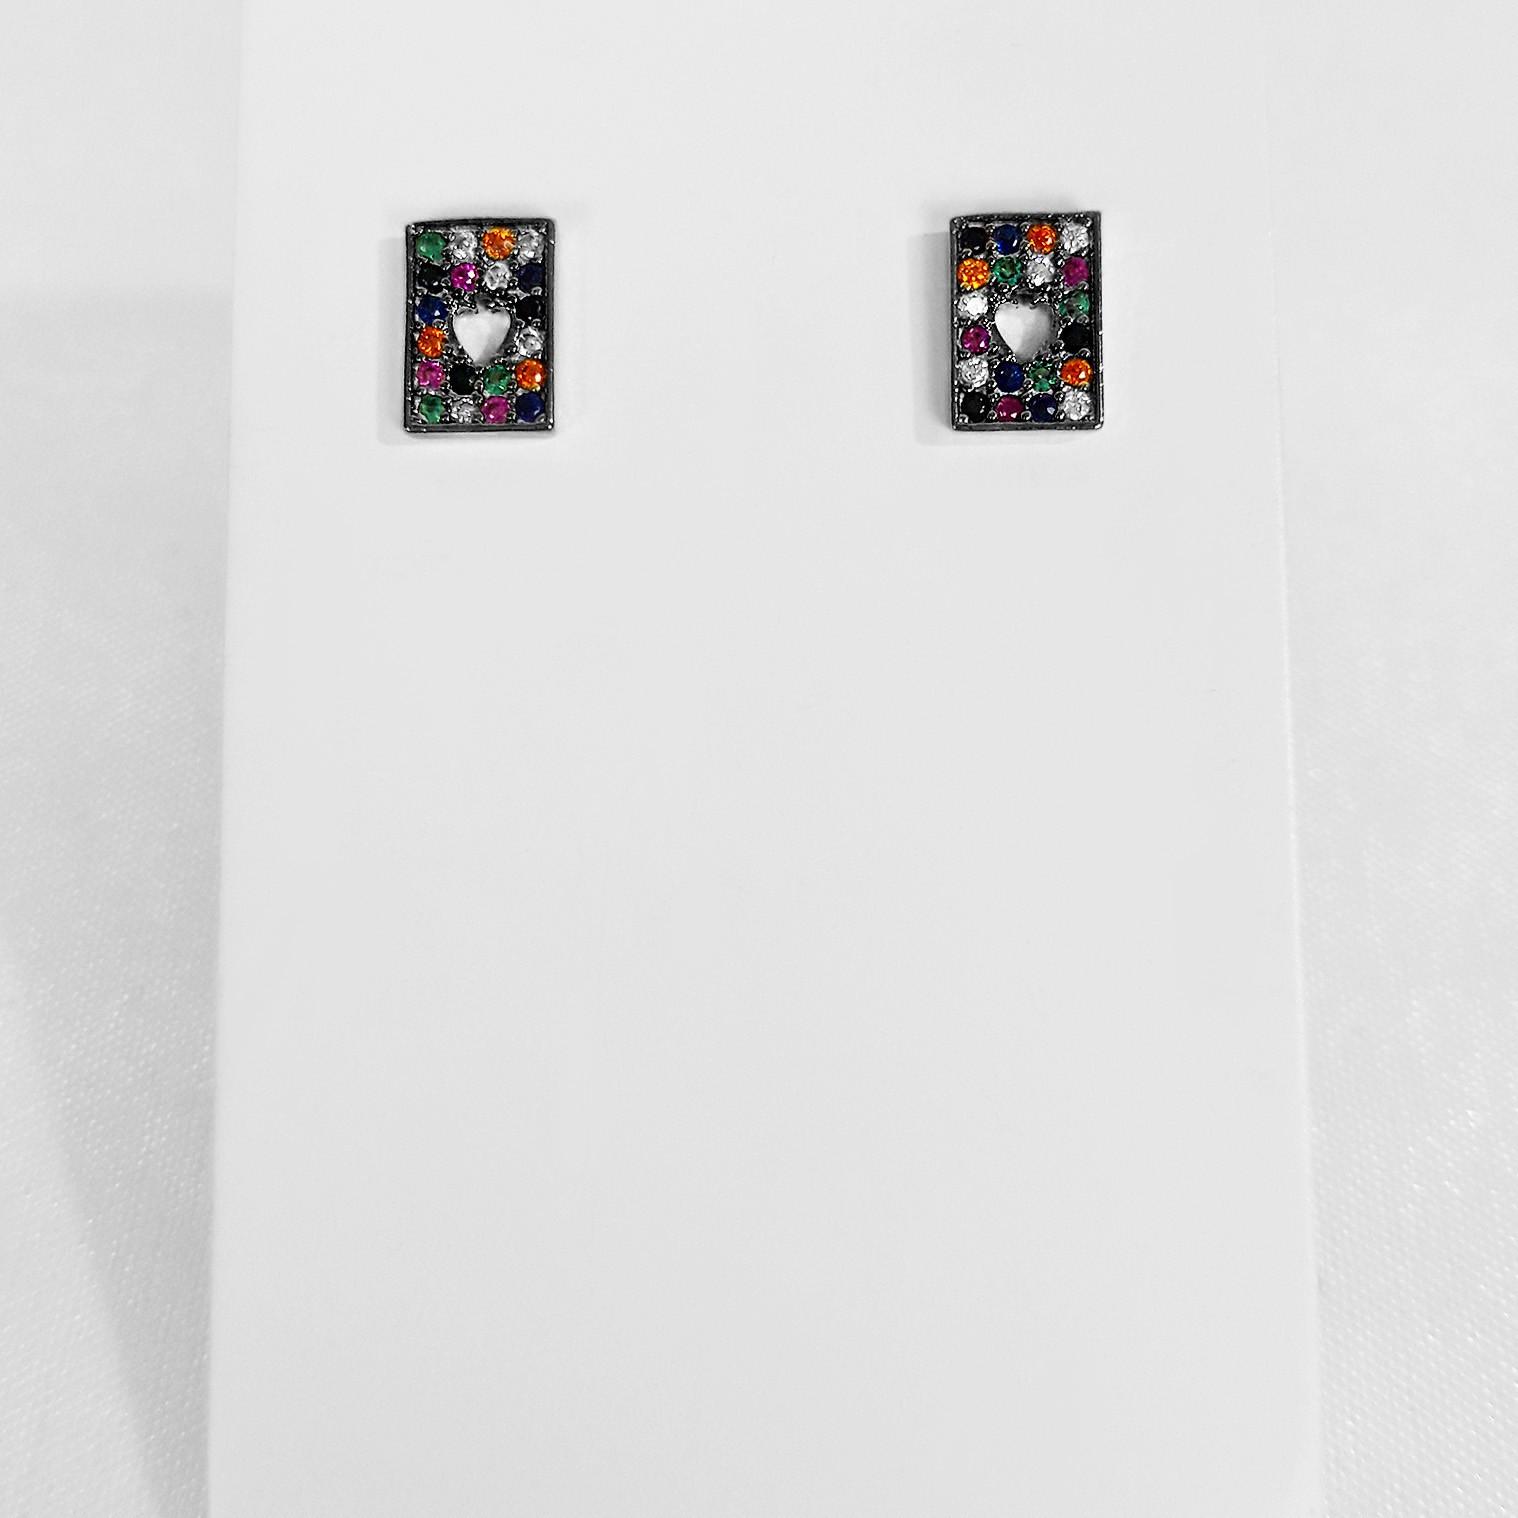 Brinco Pequeno Retangular Colorido Zircônia Banho Ródio Negro  - Lunozê Joias